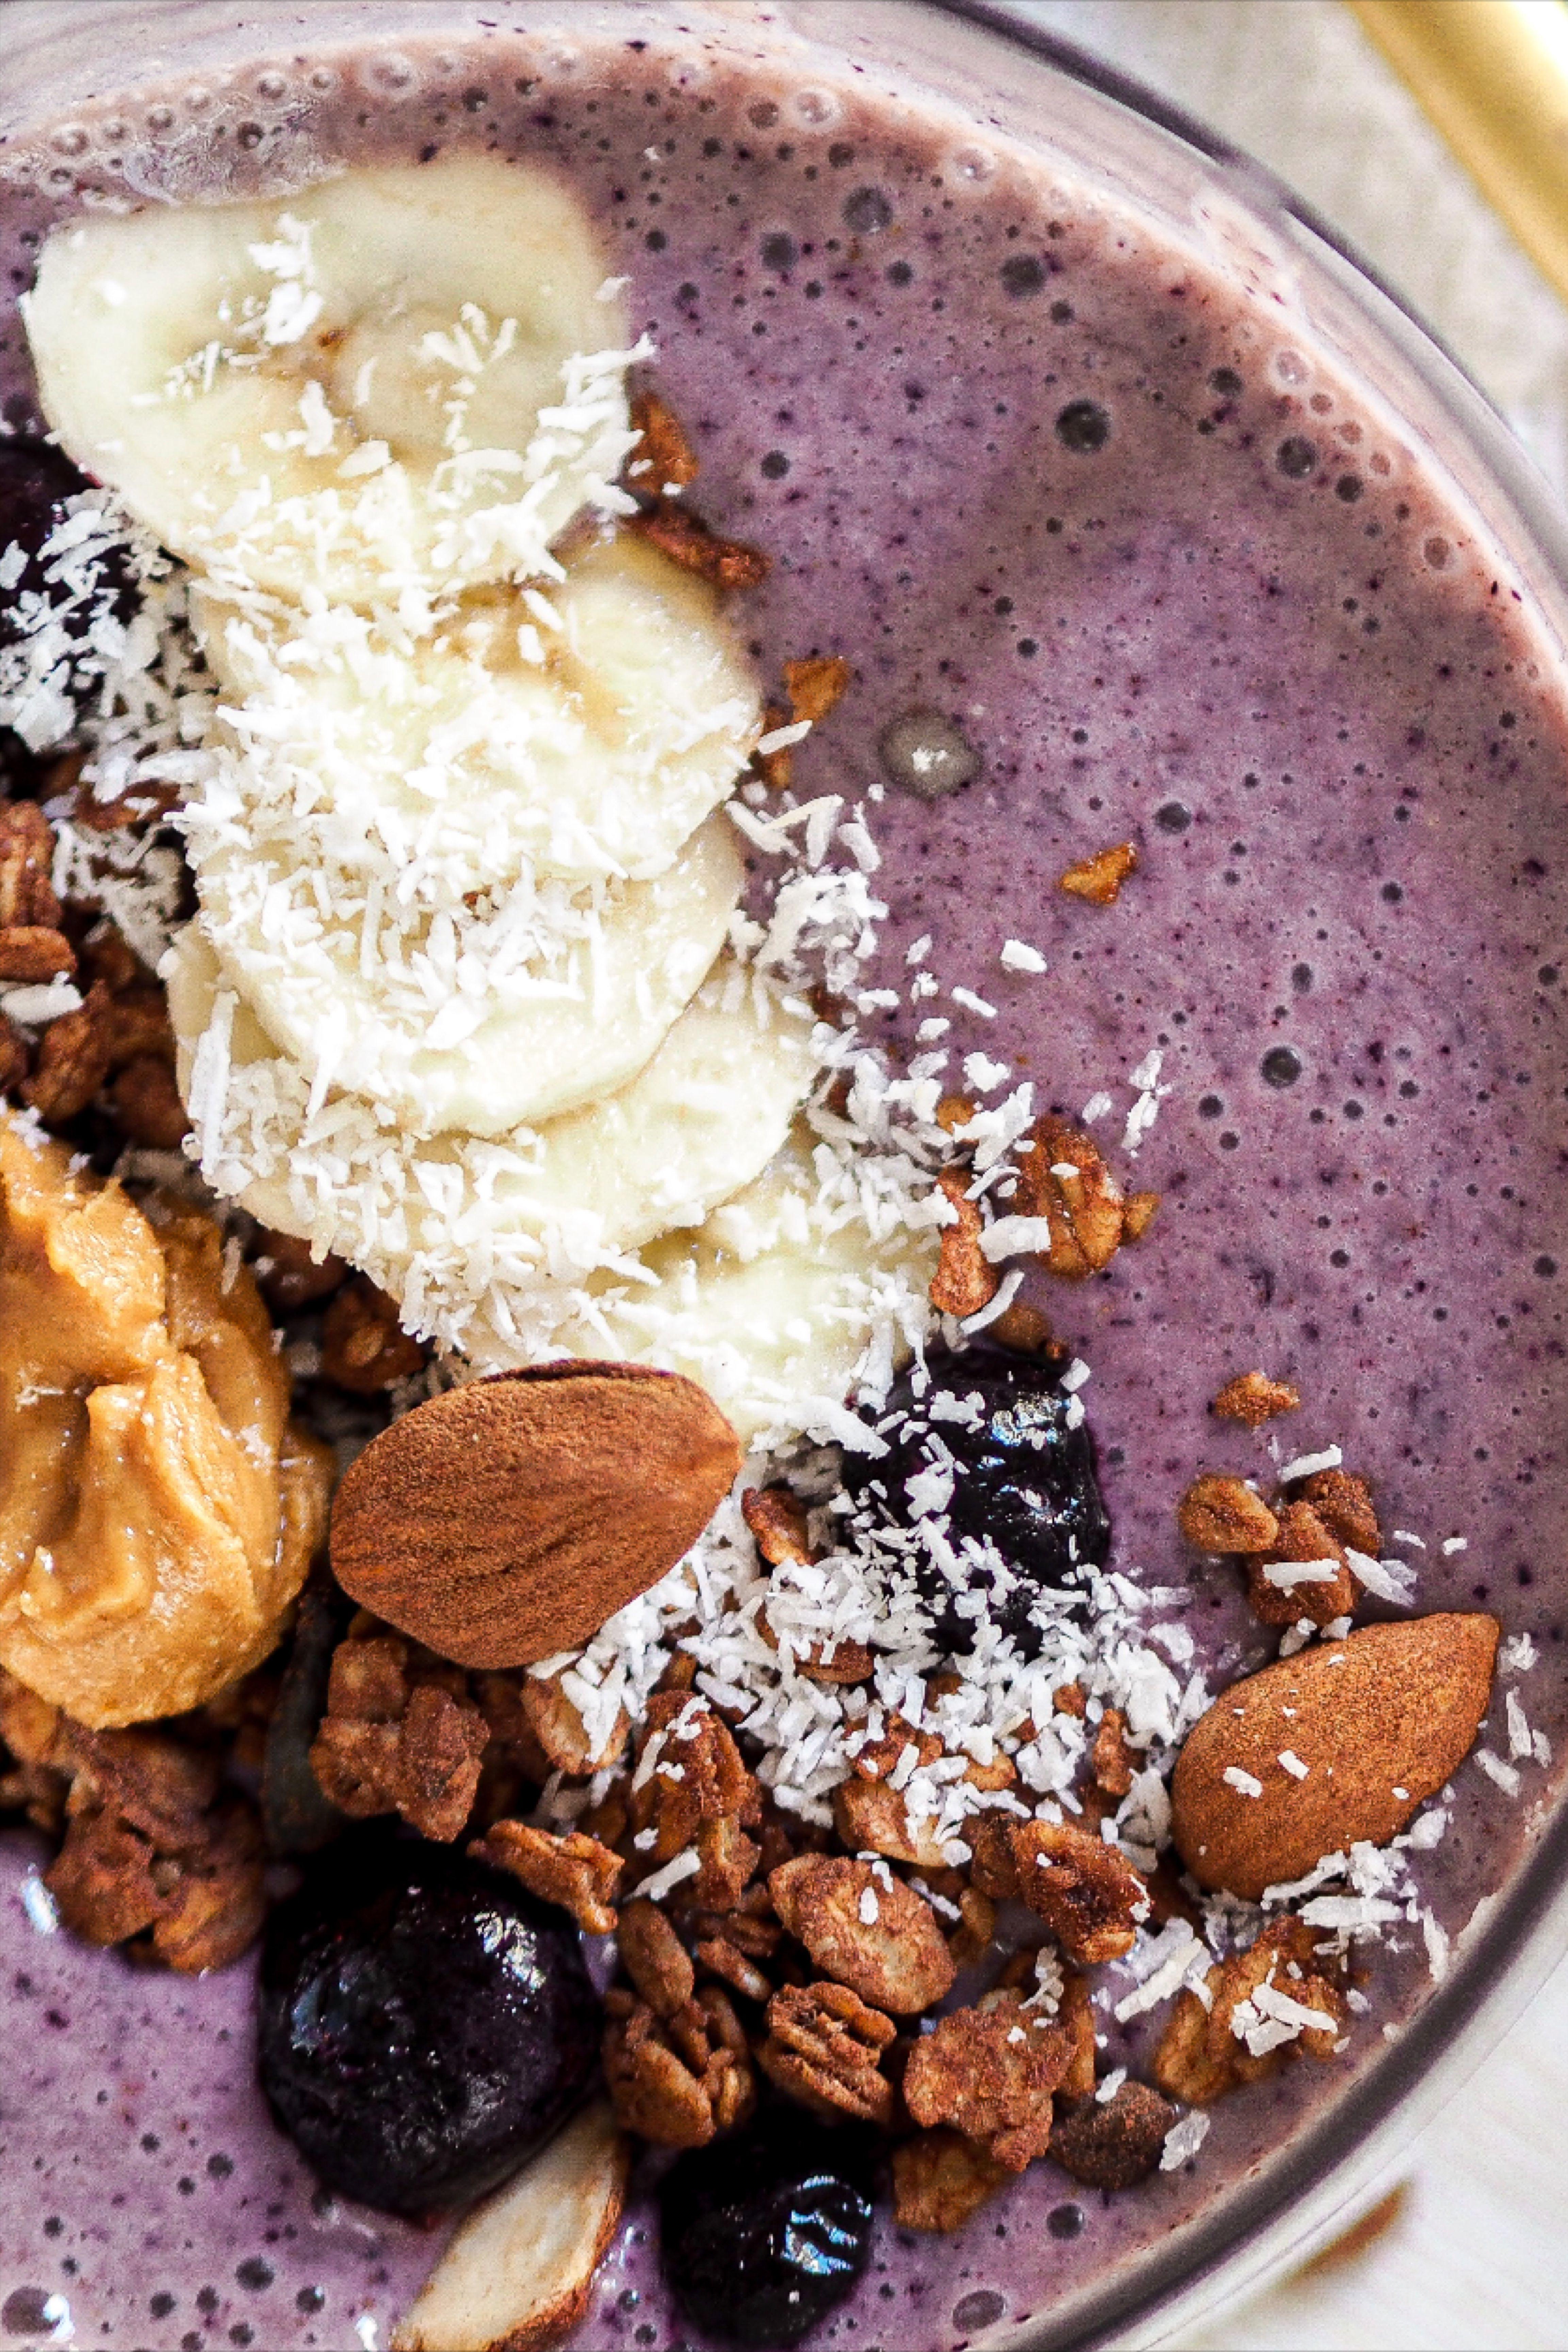 des recettes #lowfodmap #healthy #glutenfree #lactosefree #sugarfree !